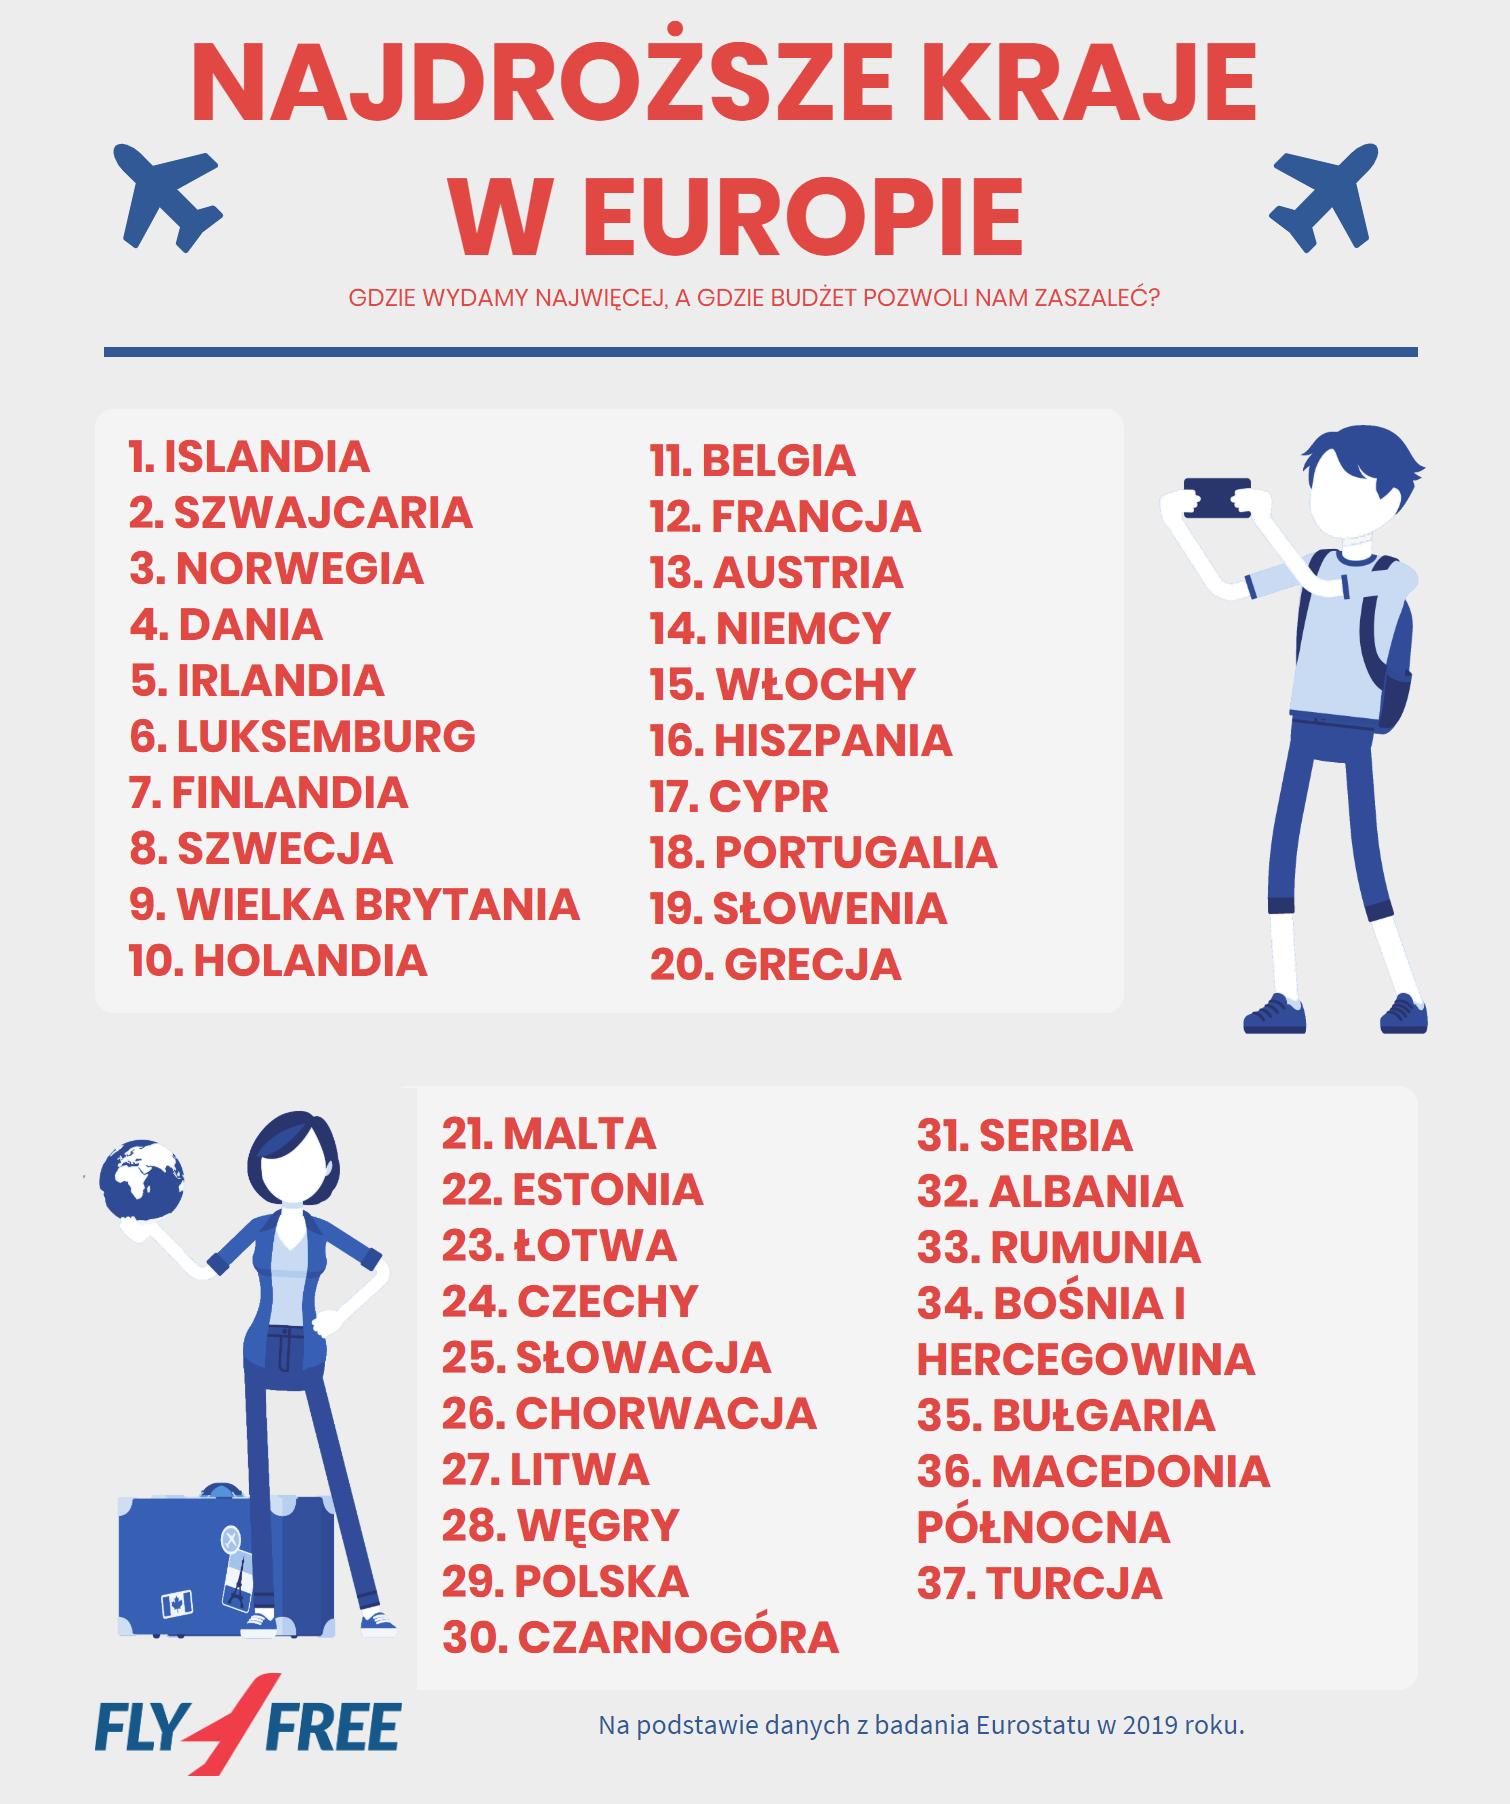 najdrozsze kraje w europie